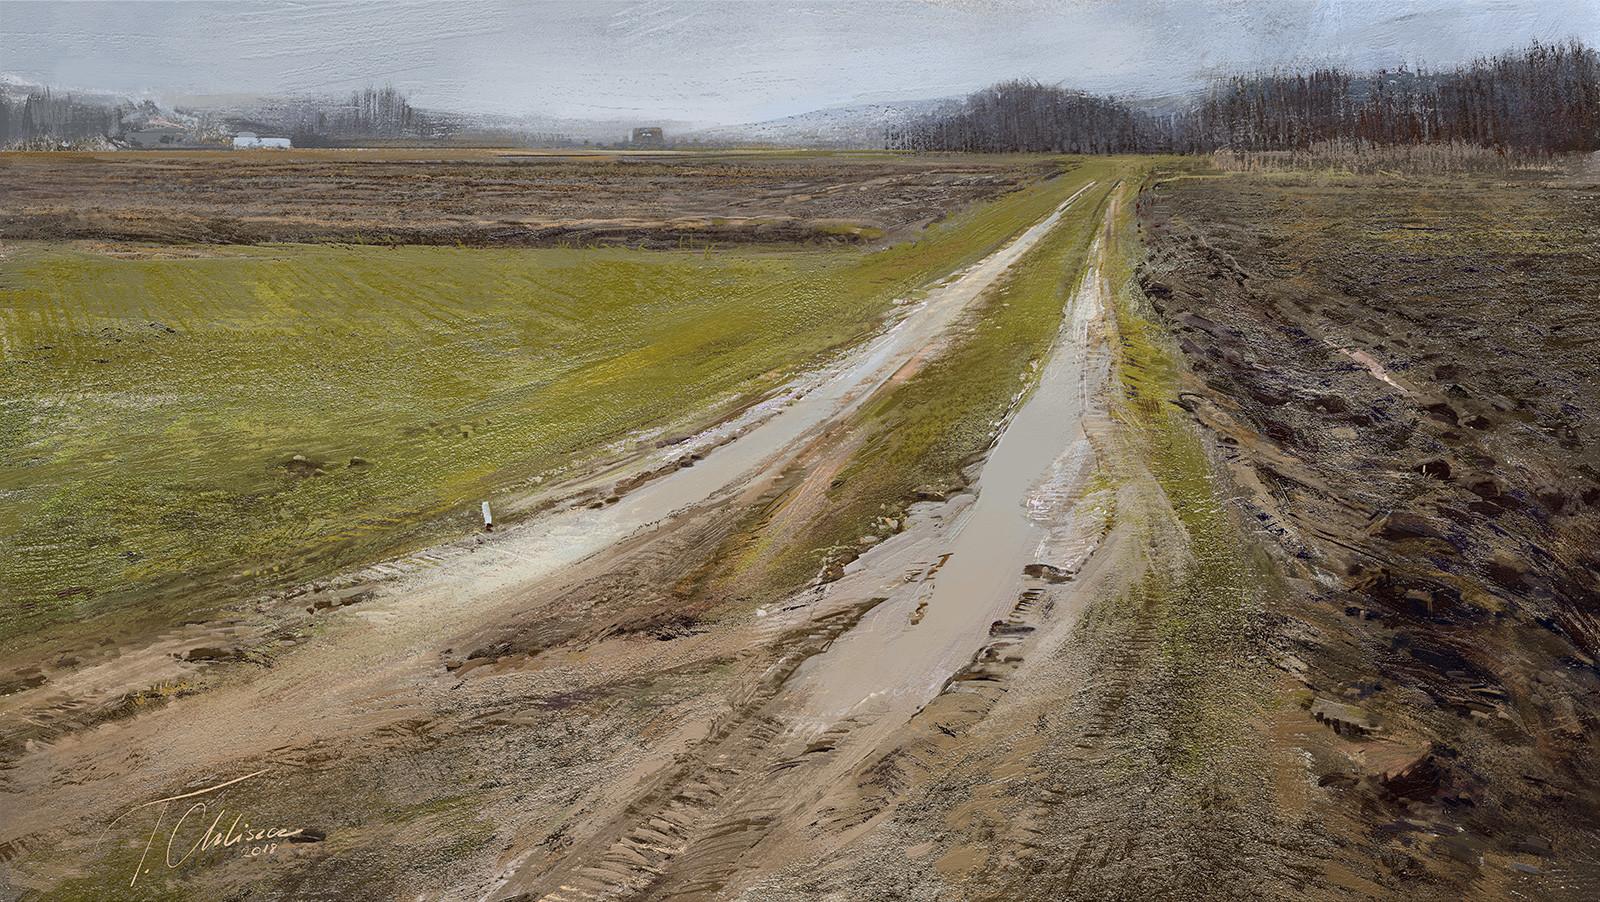 Tymoteusz chliszcz landscape103 by chliszcz